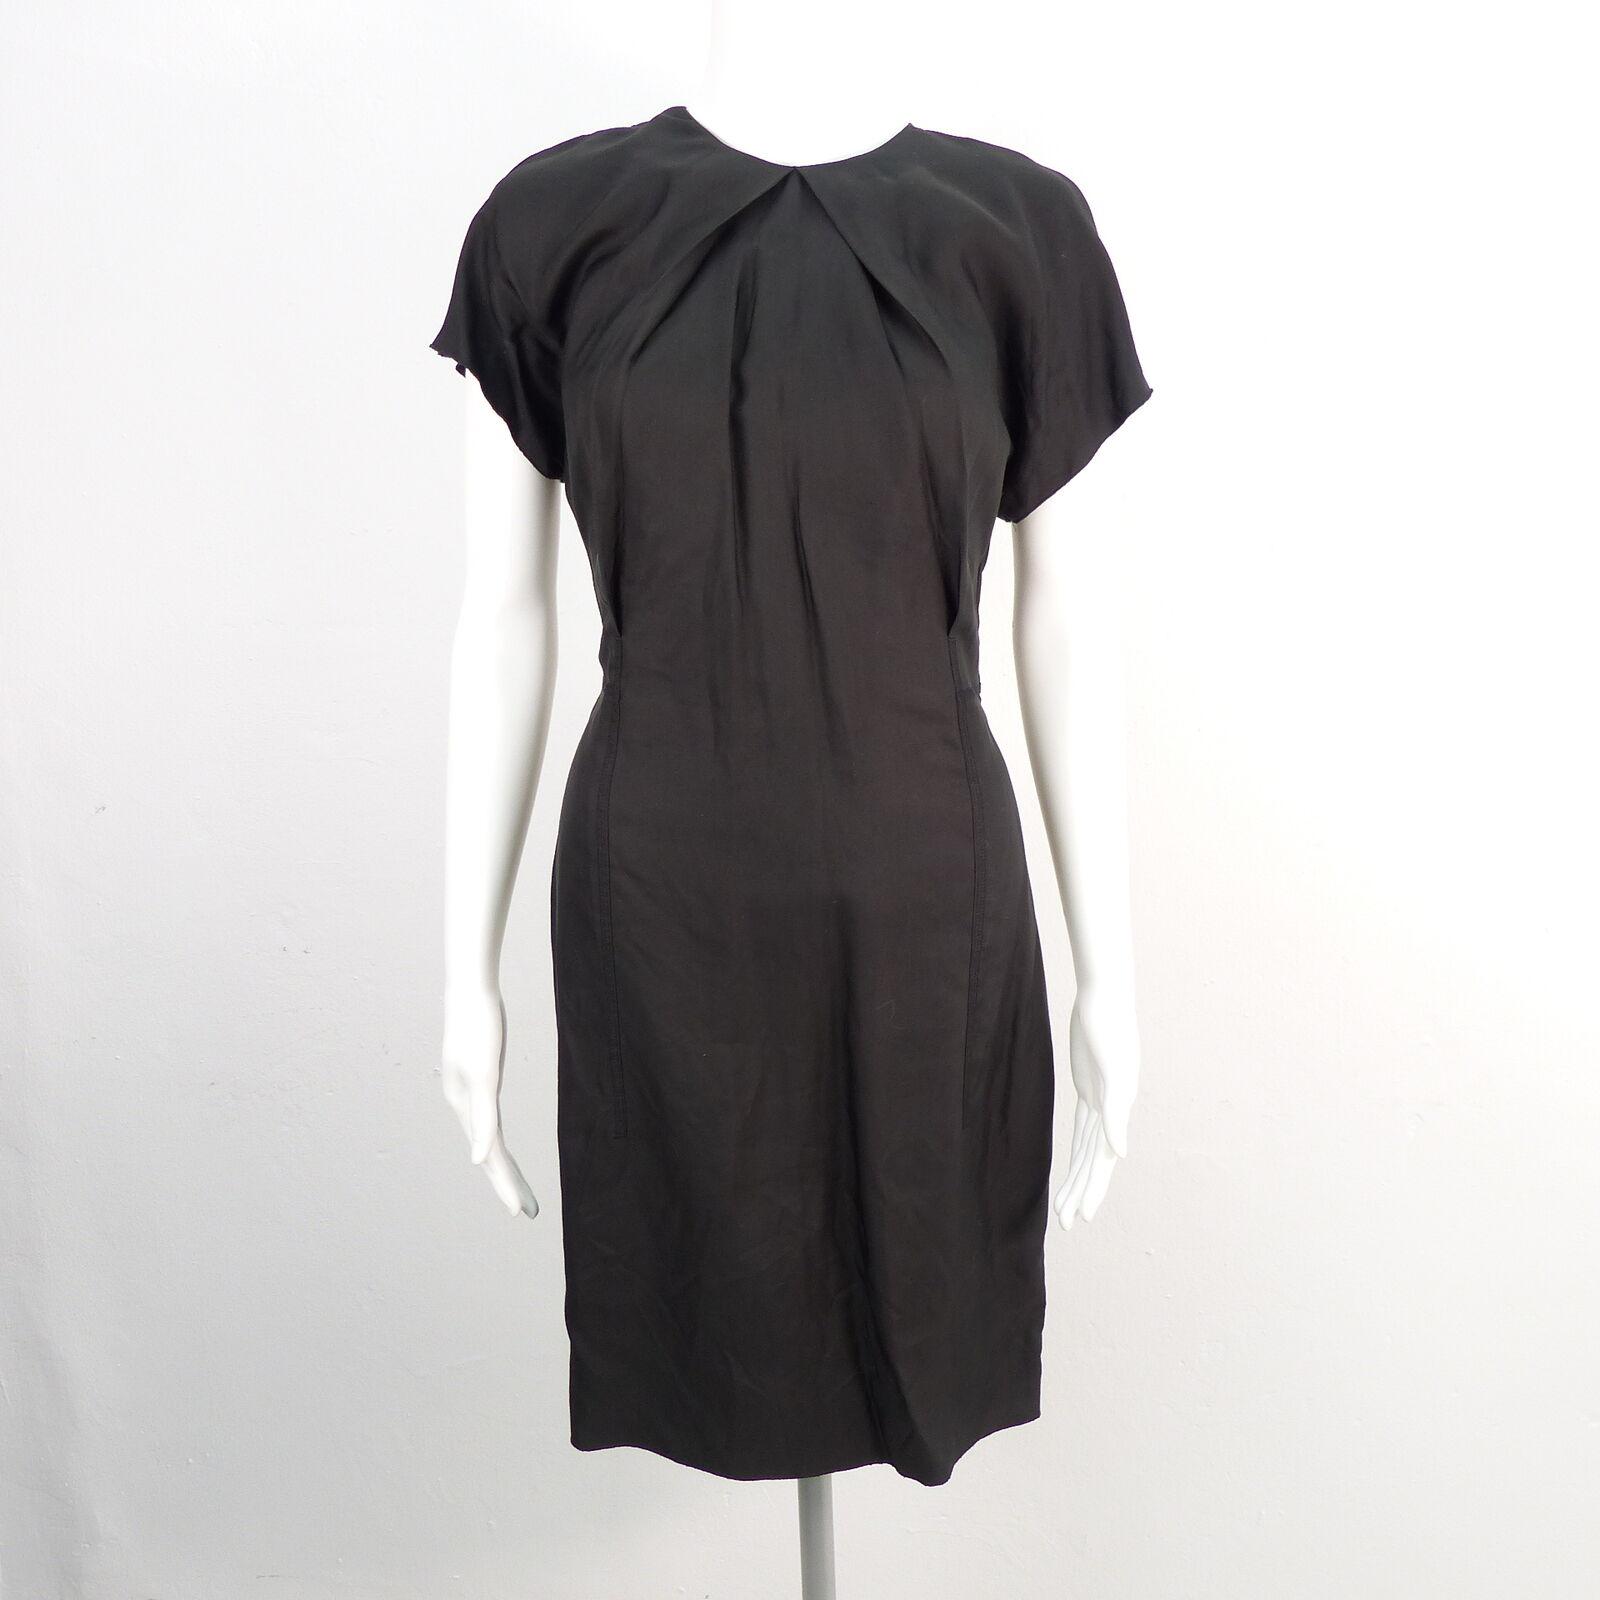 ACNE Sweety Fluid Kleid Gr. DE 36 Schwarz Damen Etuikleid Kurzarm Dress Robe